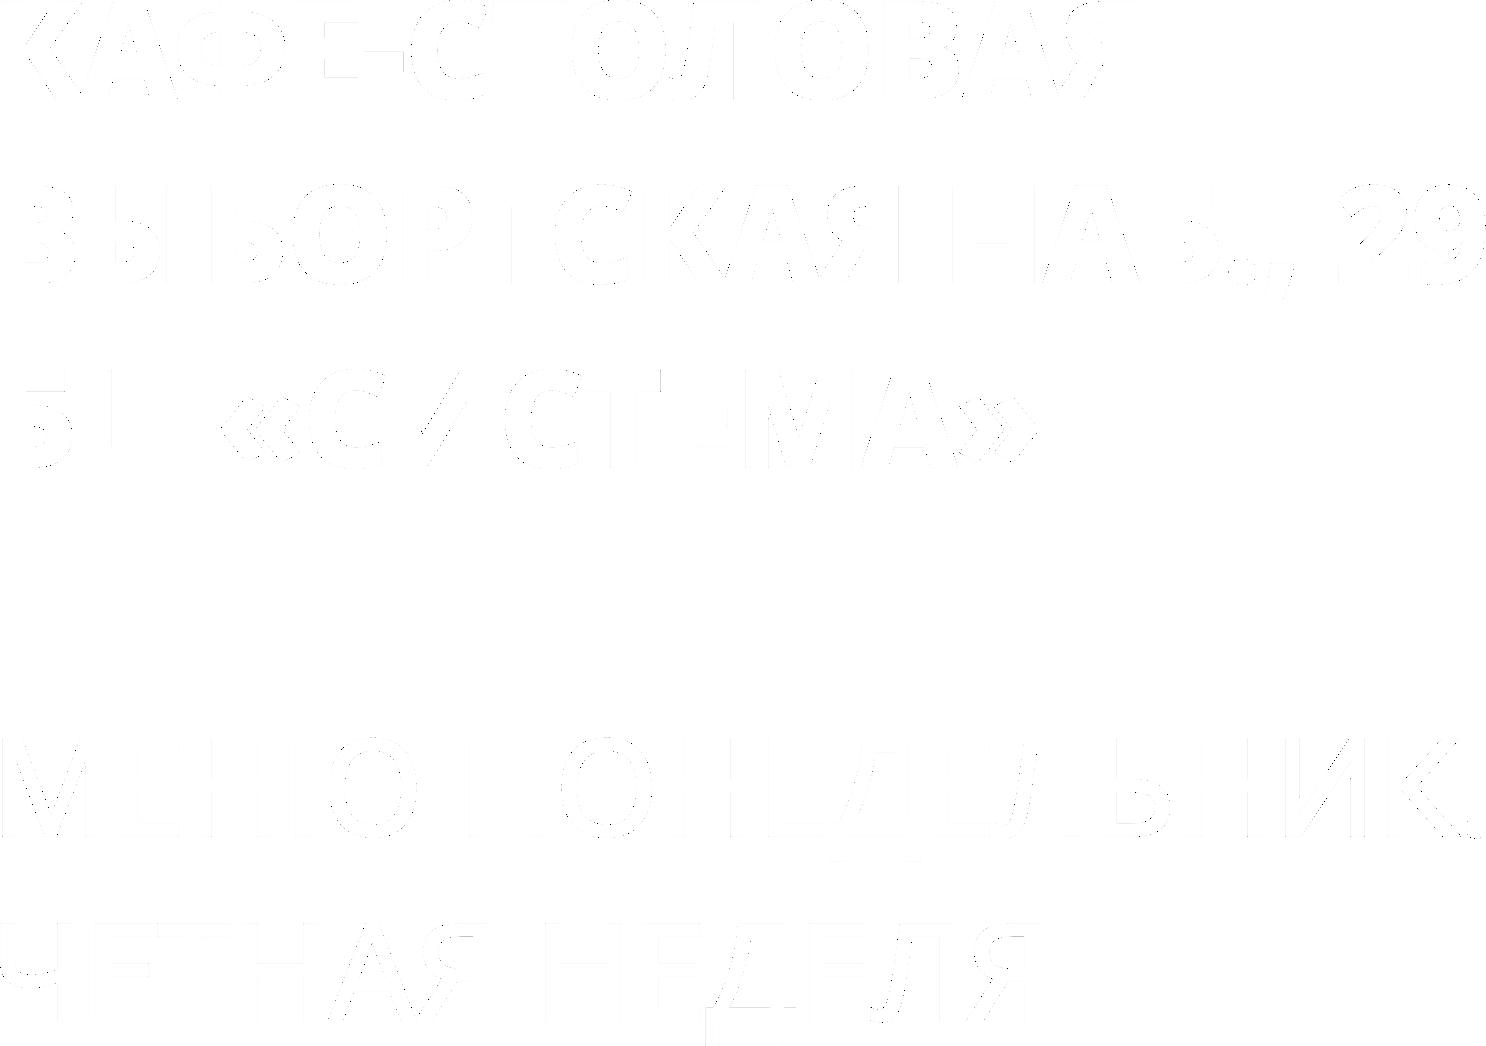 """КАФЕ-СТОЛОВАЯ БЦ """"СИСТЕМА"""" Выборгская наб., 29 МЕНЮ ПЯТНИЦА. ЧЕТНАЯ НЕДЕЛЯ"""